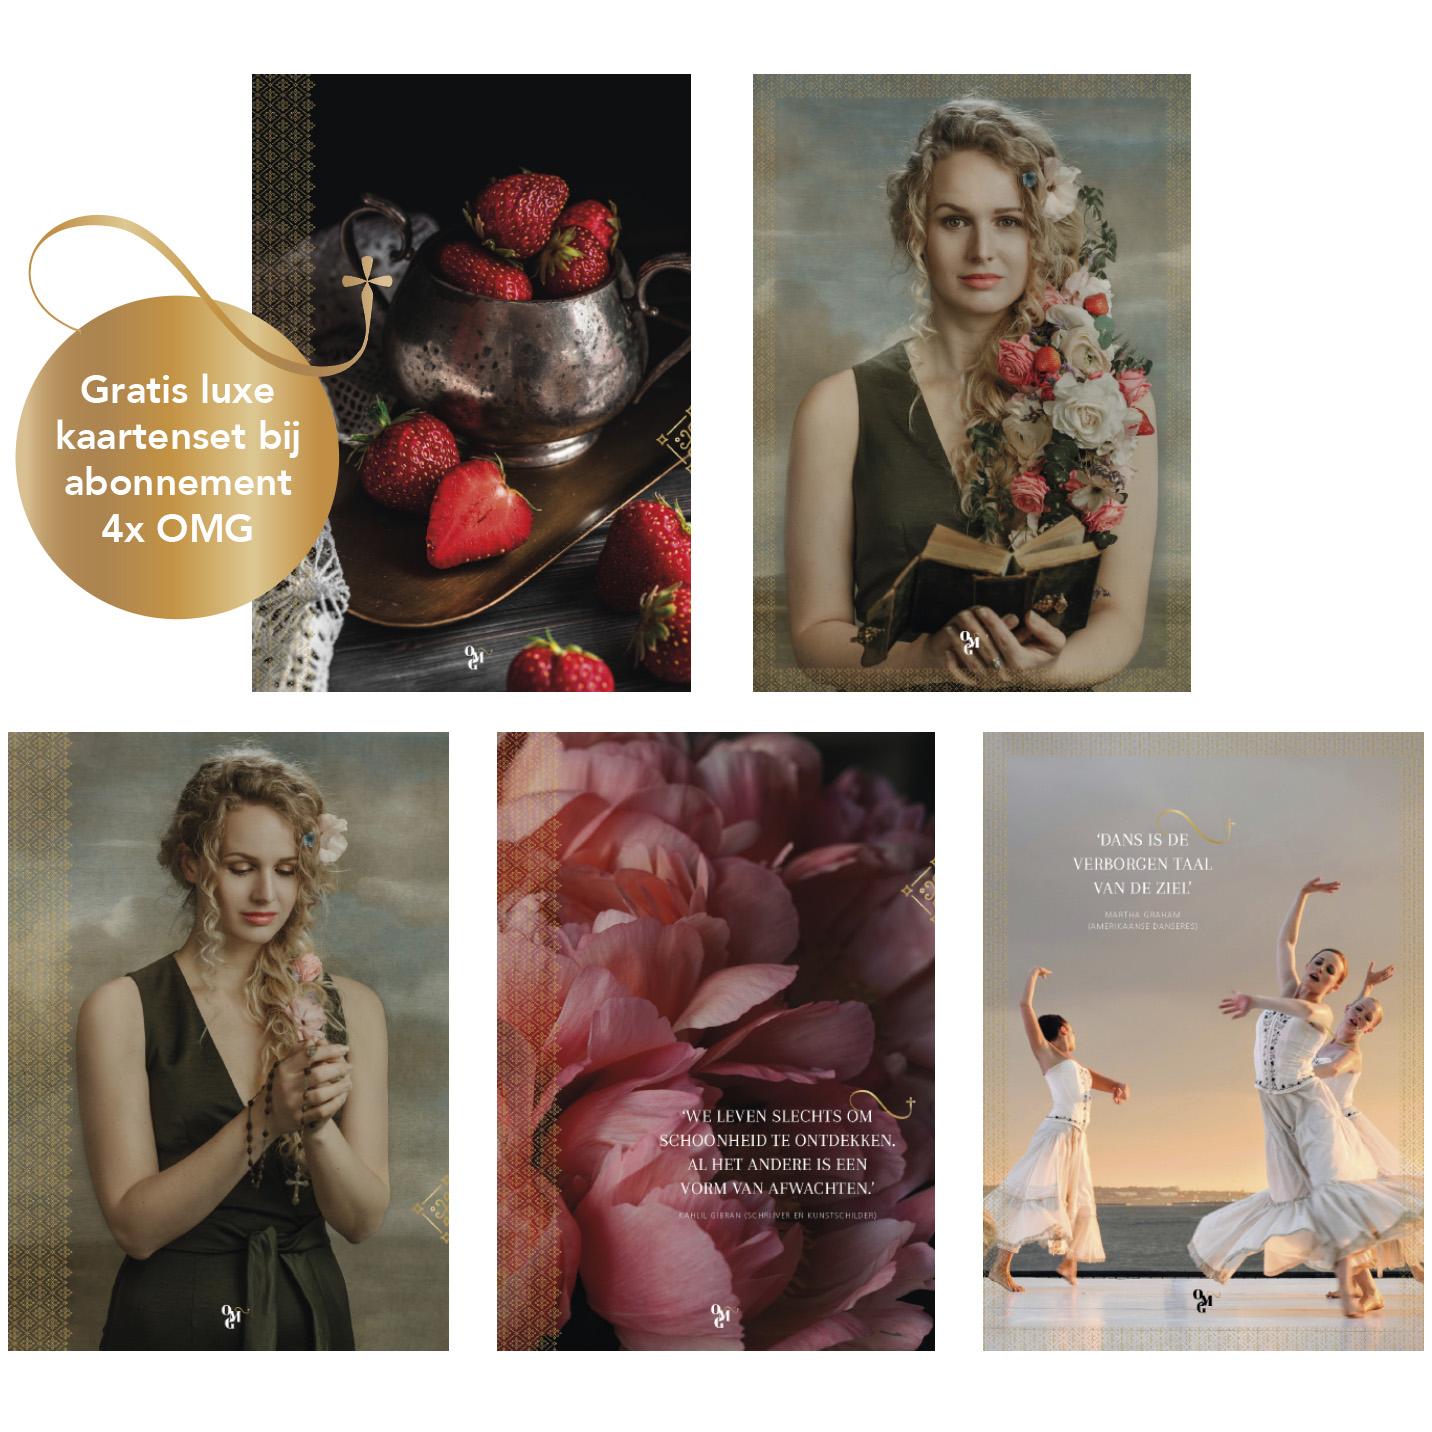 OMG Magazine editie 2 gratis luxe kaartenset